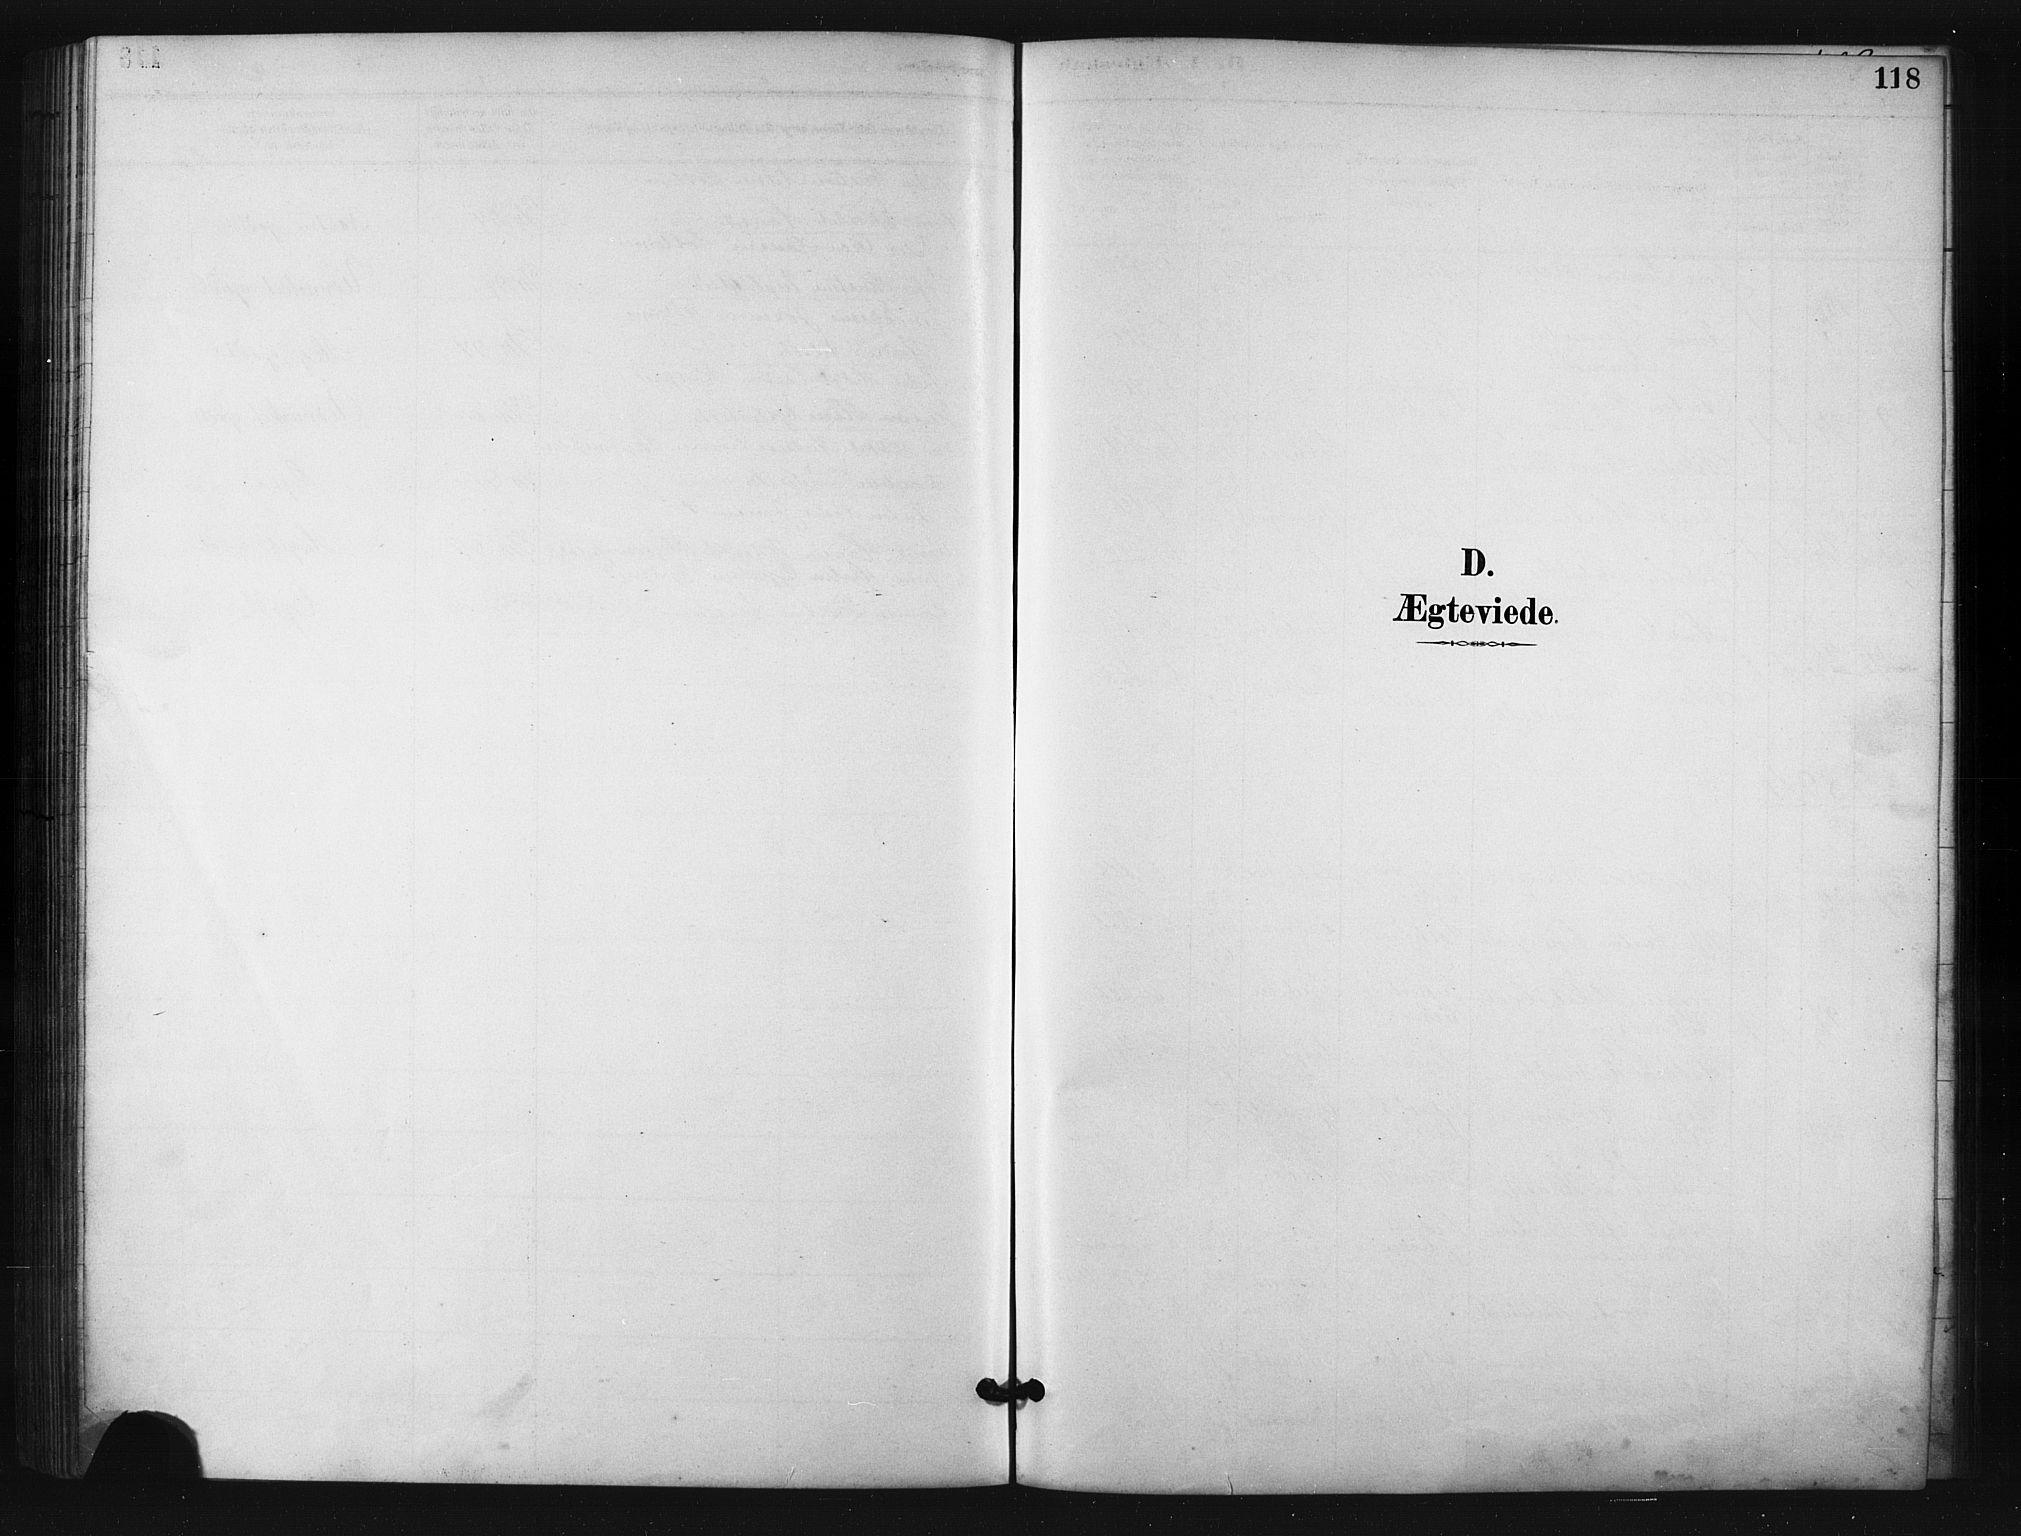 SATØ, Salangen sokneprestembete, H/Ha/L0001klokker: Klokkerbok nr. 1, 1893-1910, s. 118